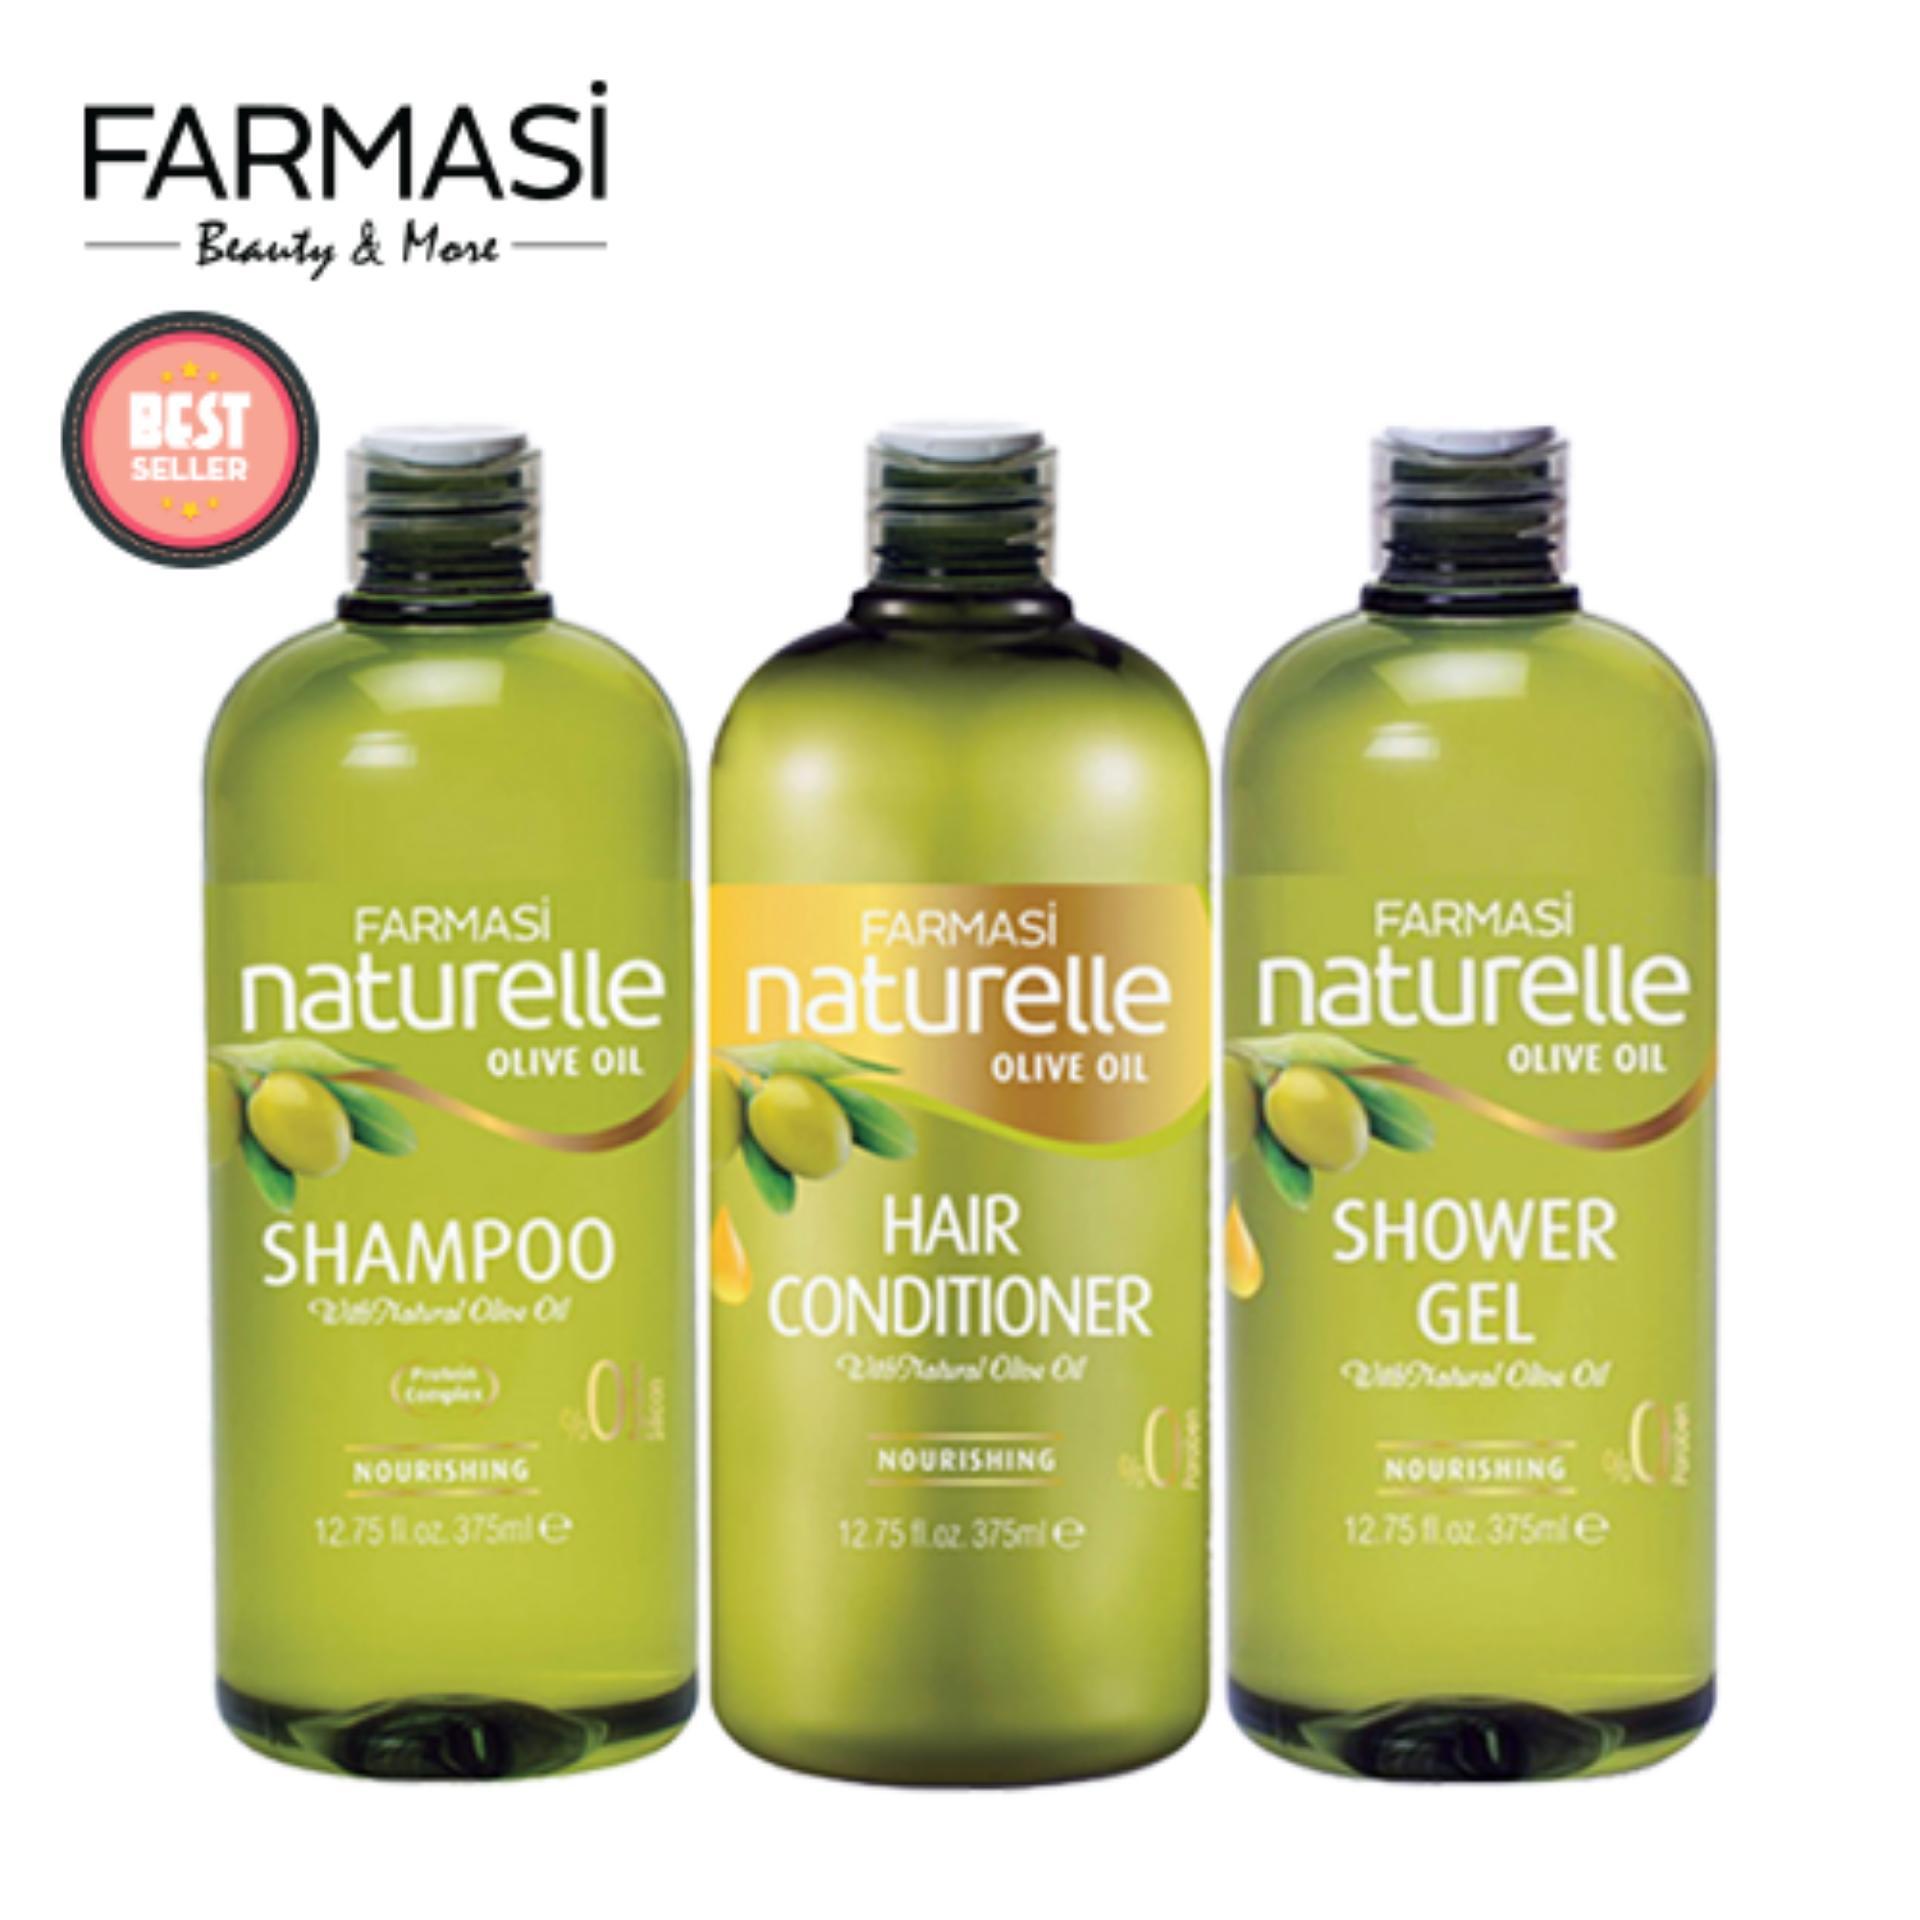 Bộ 3 Dầu Gội, Dầu Xả và Sữa Tắm Chiết Xuất Olive Farmasi